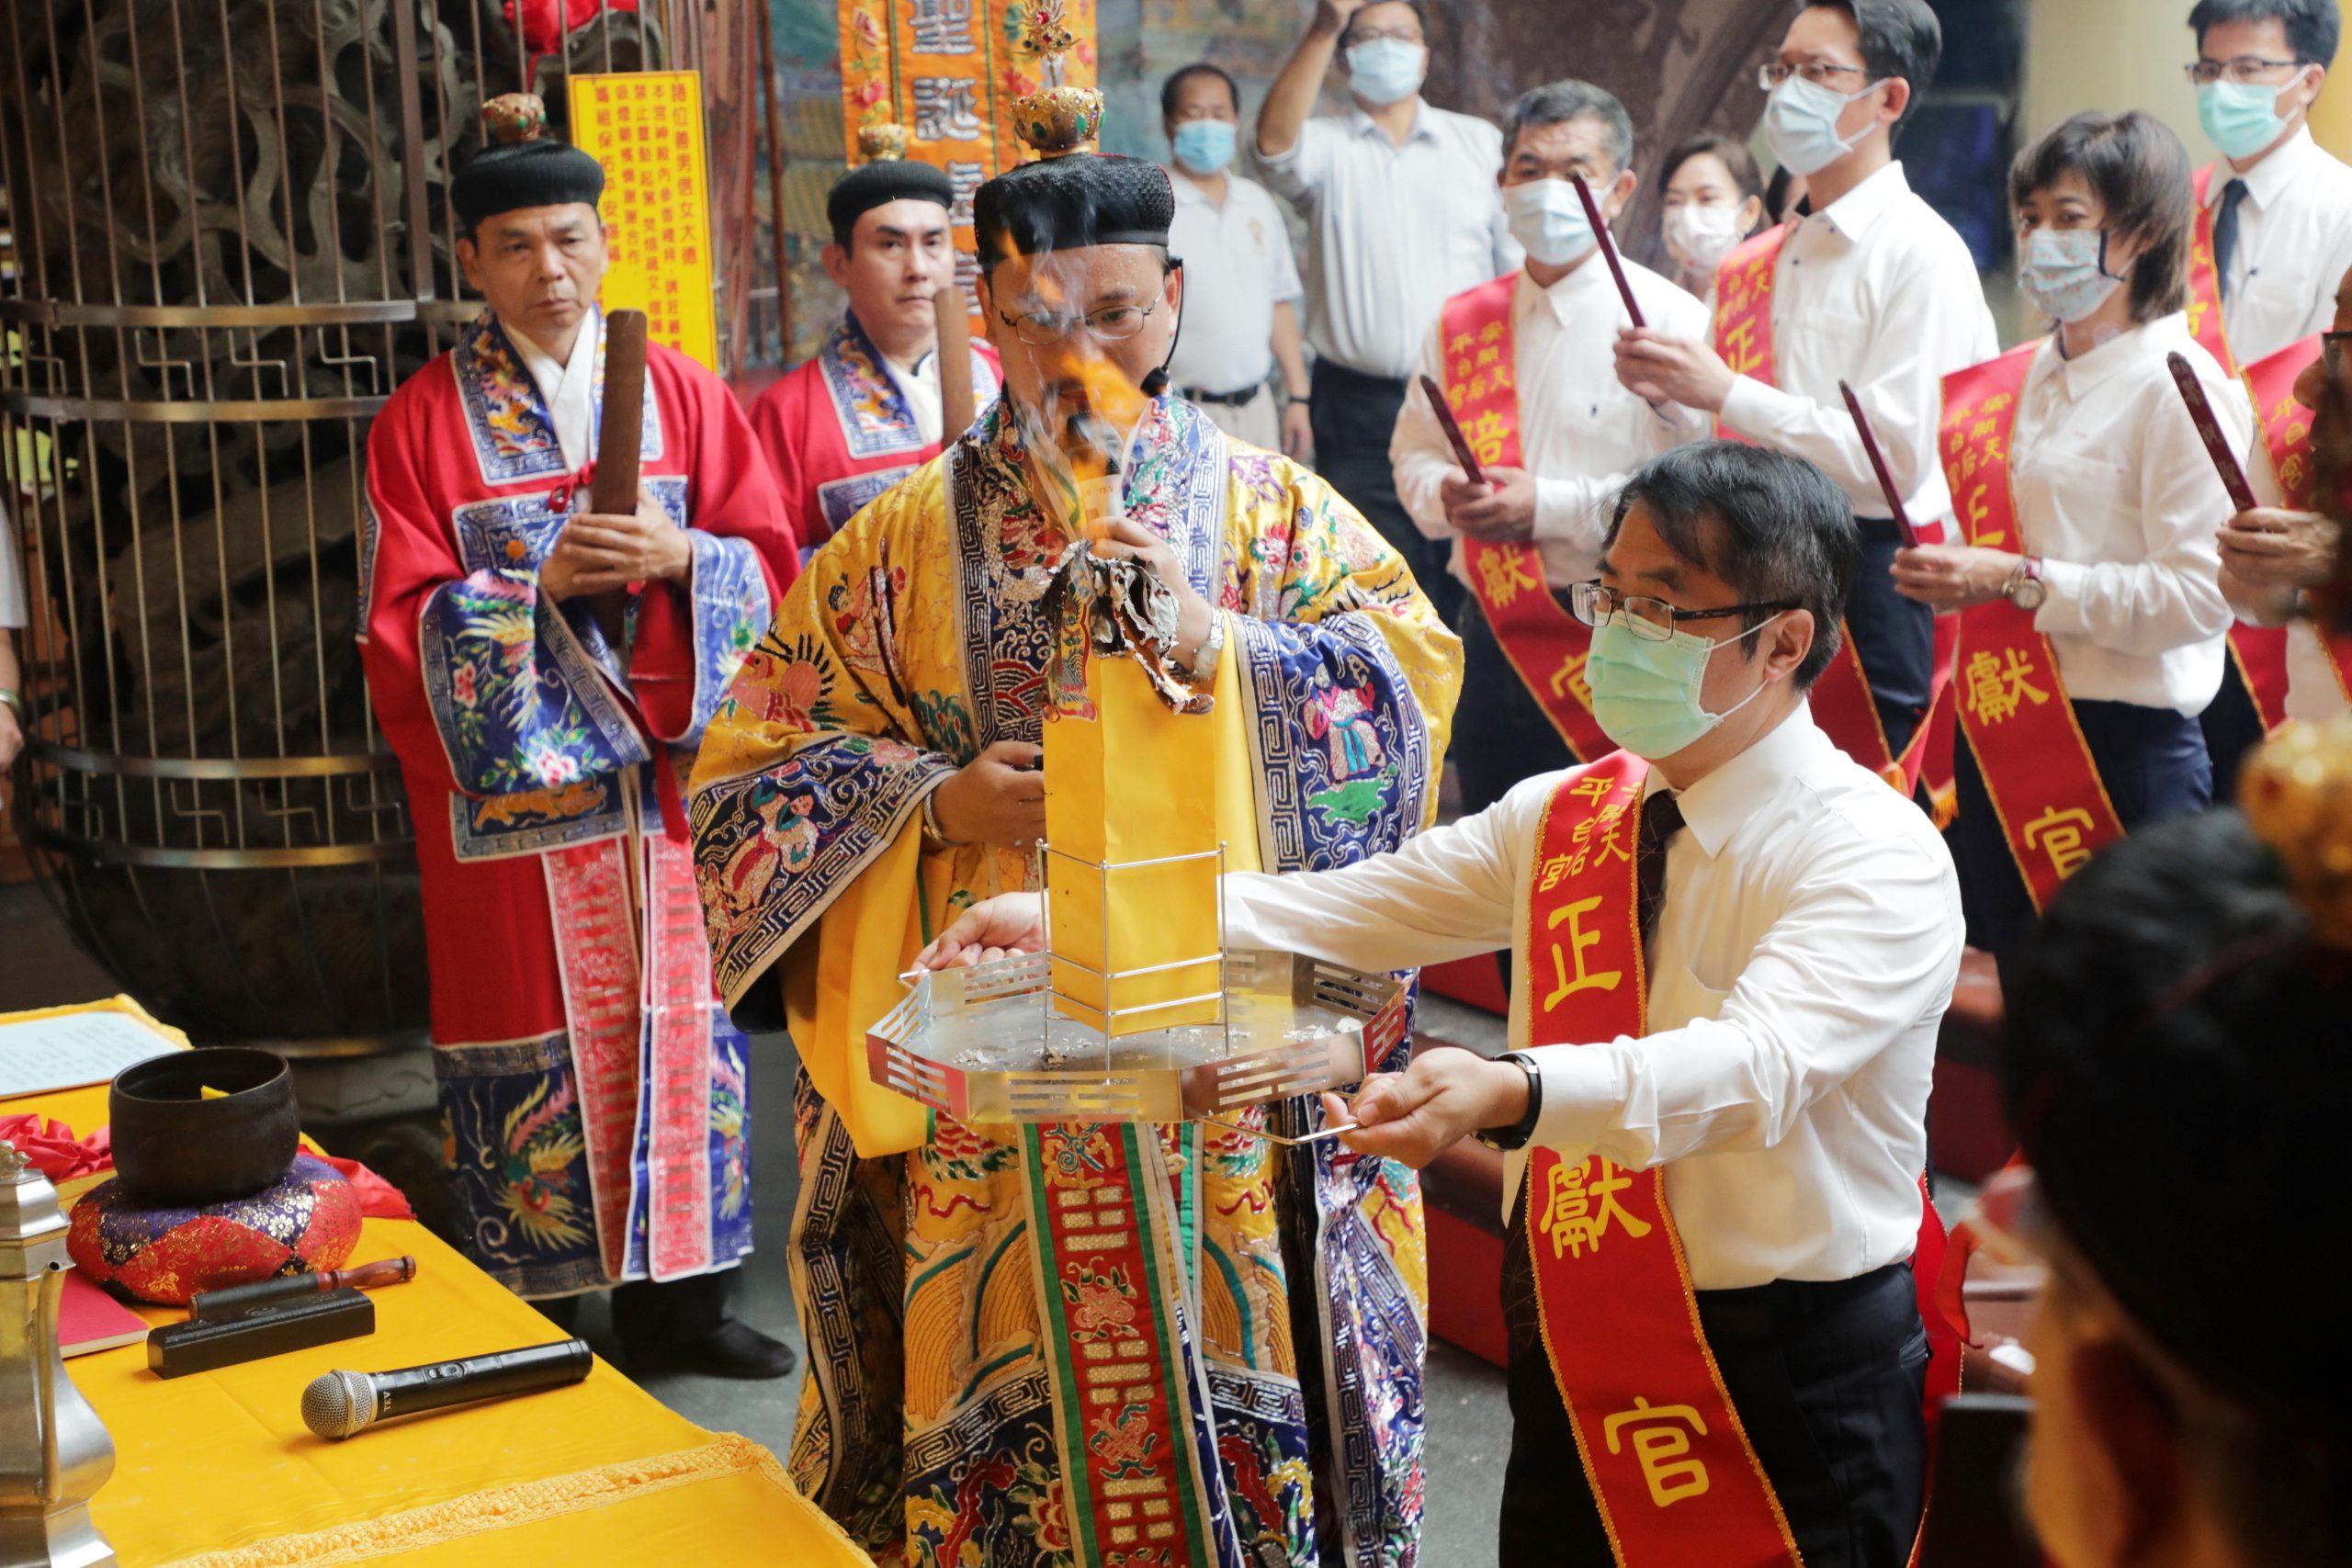 安平區開台天后宮的「祈福祈雨祭典儀式」